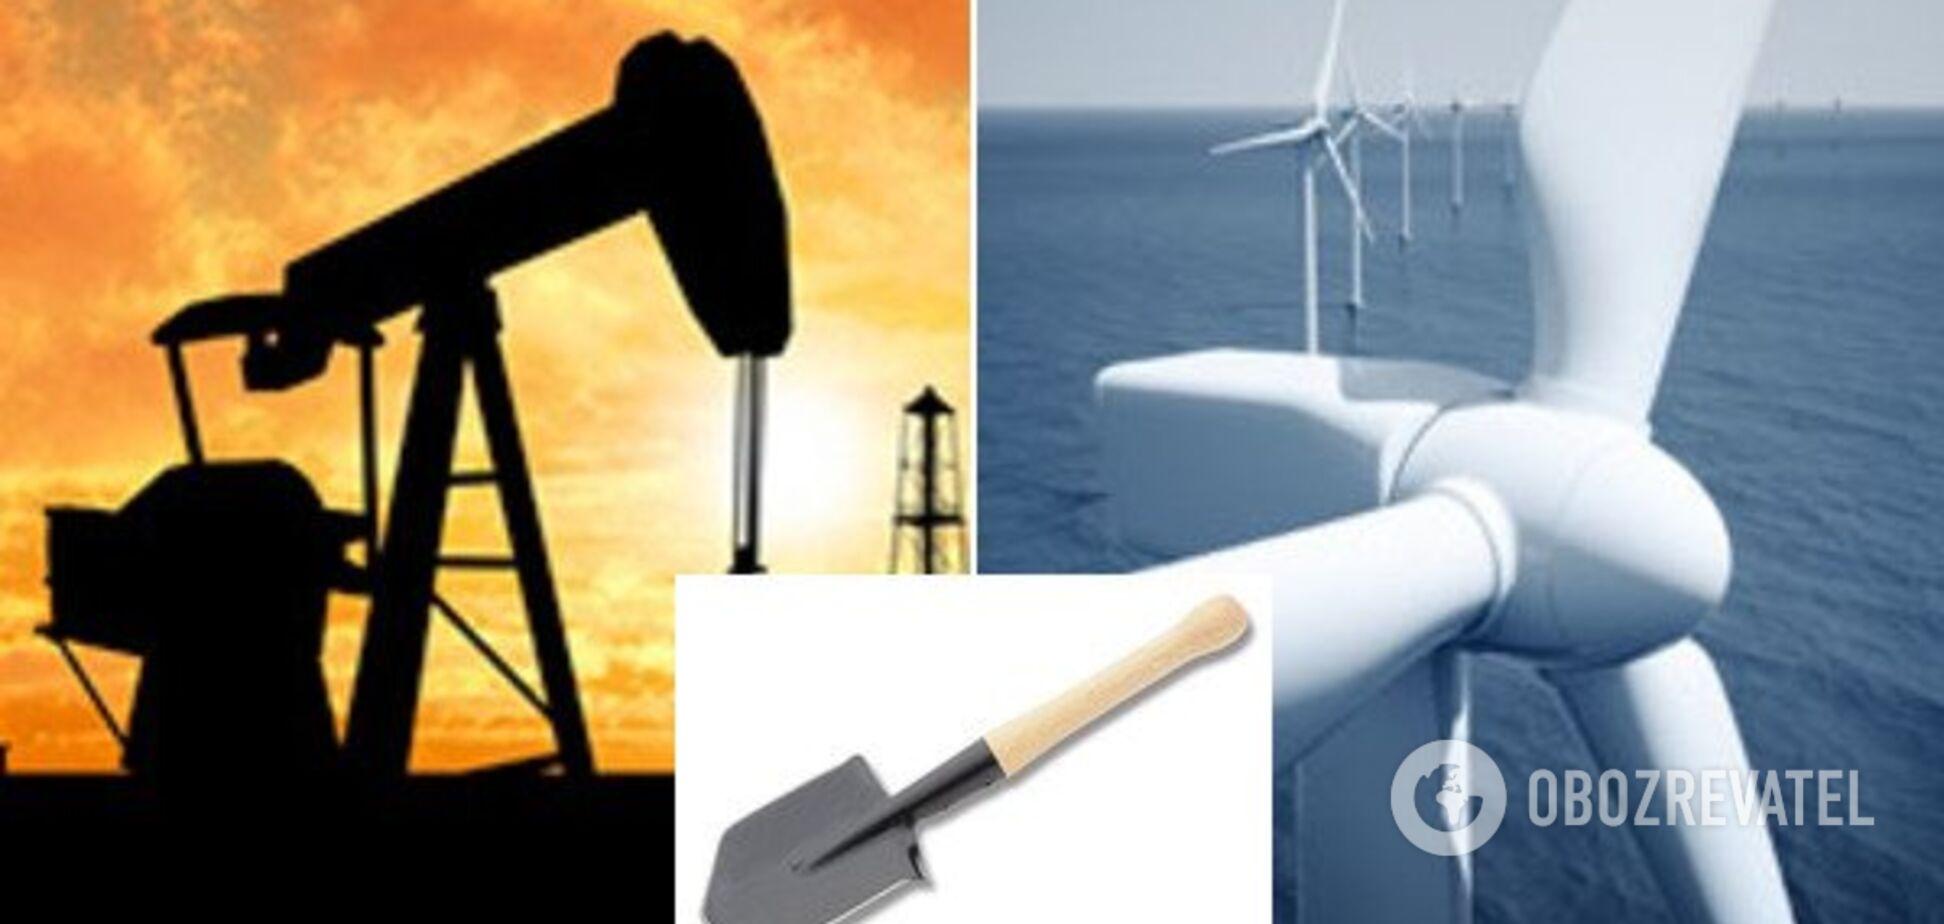 Сонце і вітер поховають нафту: з'явилися показові цифри